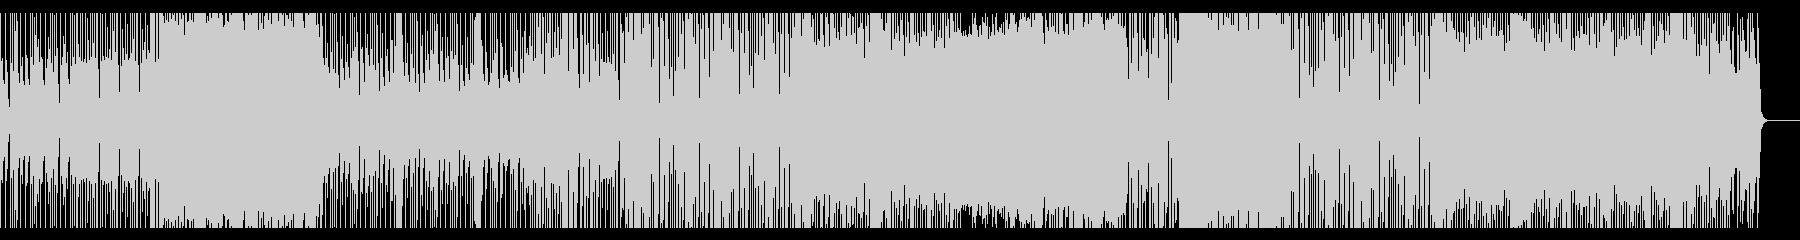 緊迫感 スリリング エレクトロの未再生の波形